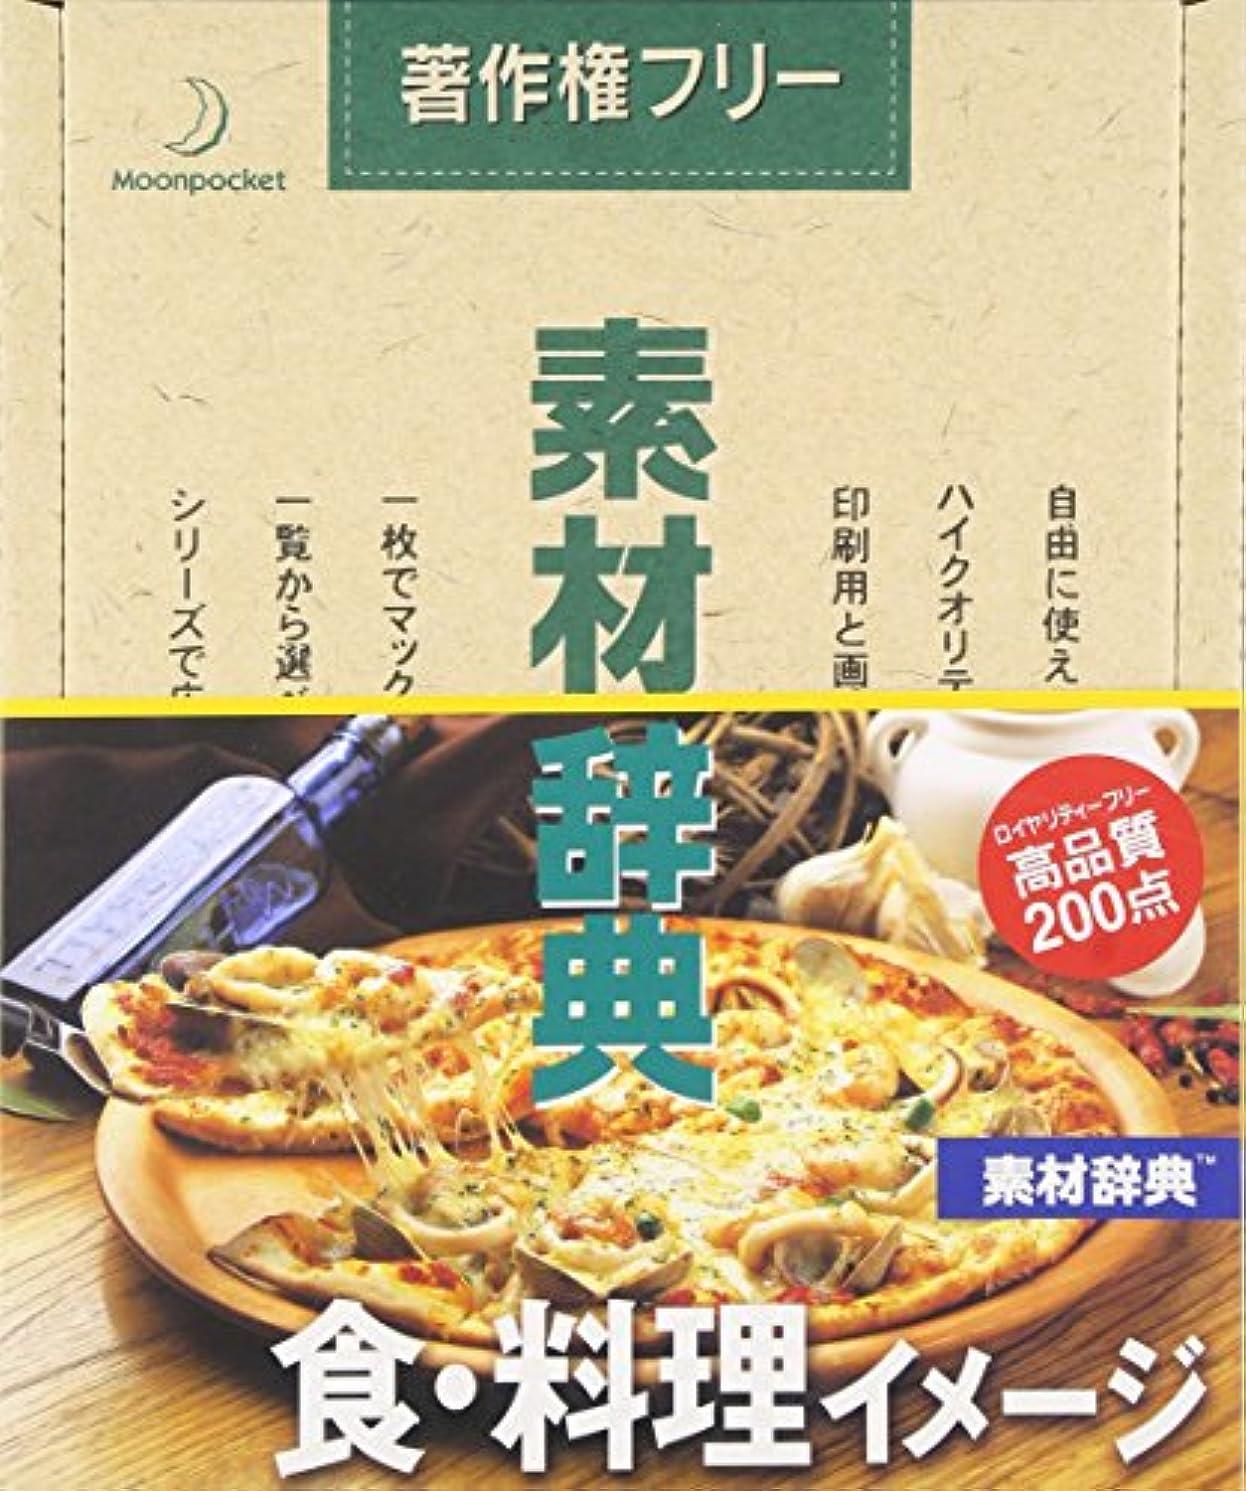 なめる動揺させる豚素材辞典 Vol.22 食?料理イメージ編